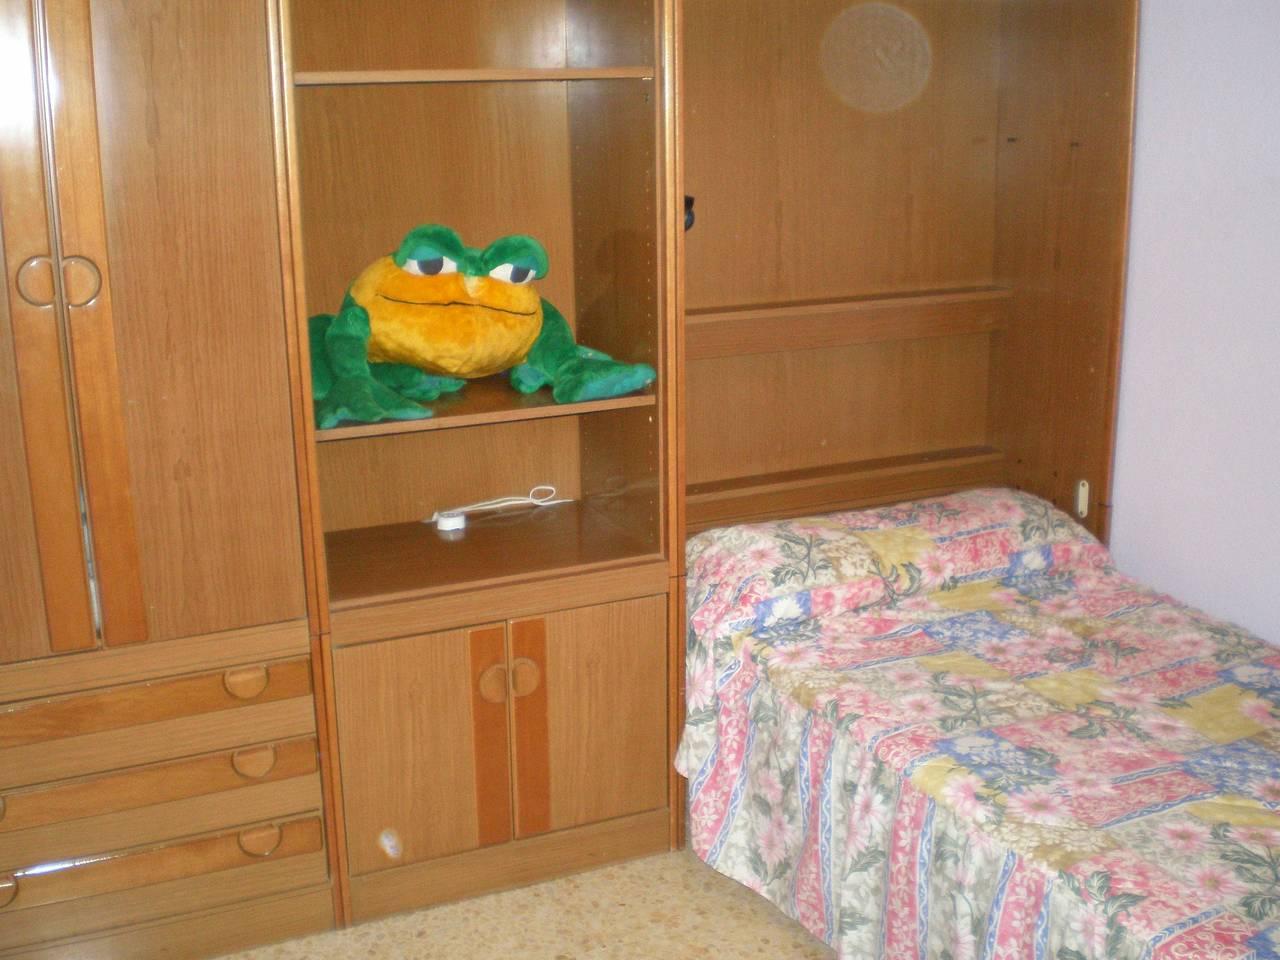 en soria se alquilan una habitacion en piso compartido  - Foto 1